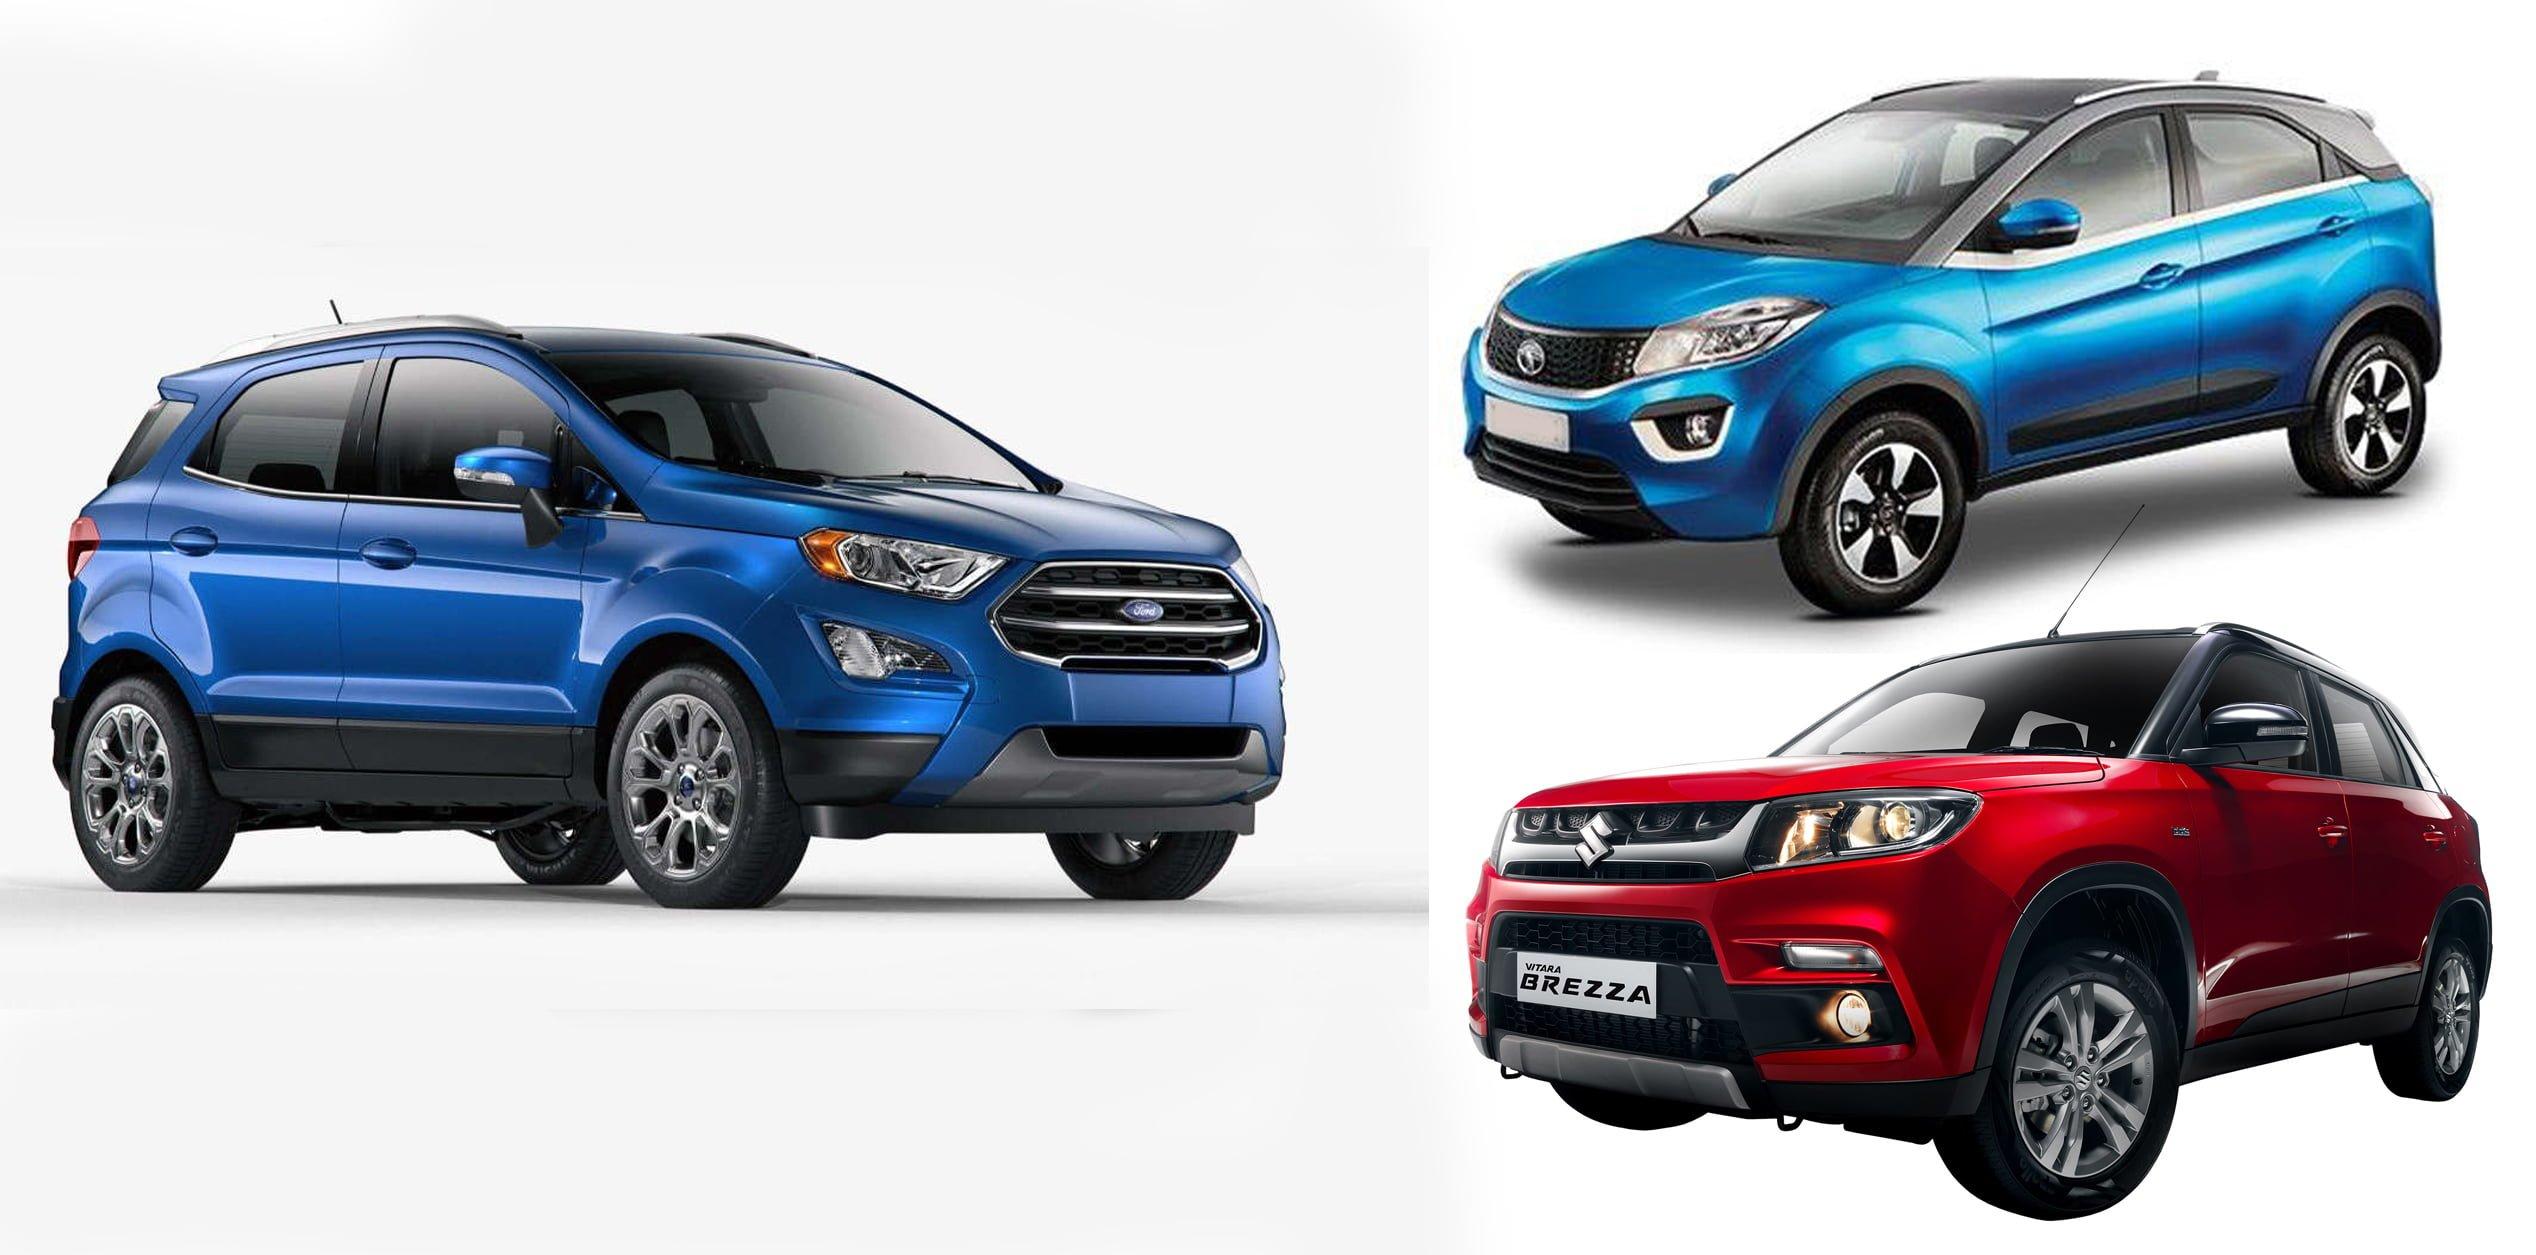 New 2017 Ford EcoSport vs Tata Nexon vs Vitara Brezza Comparison Review